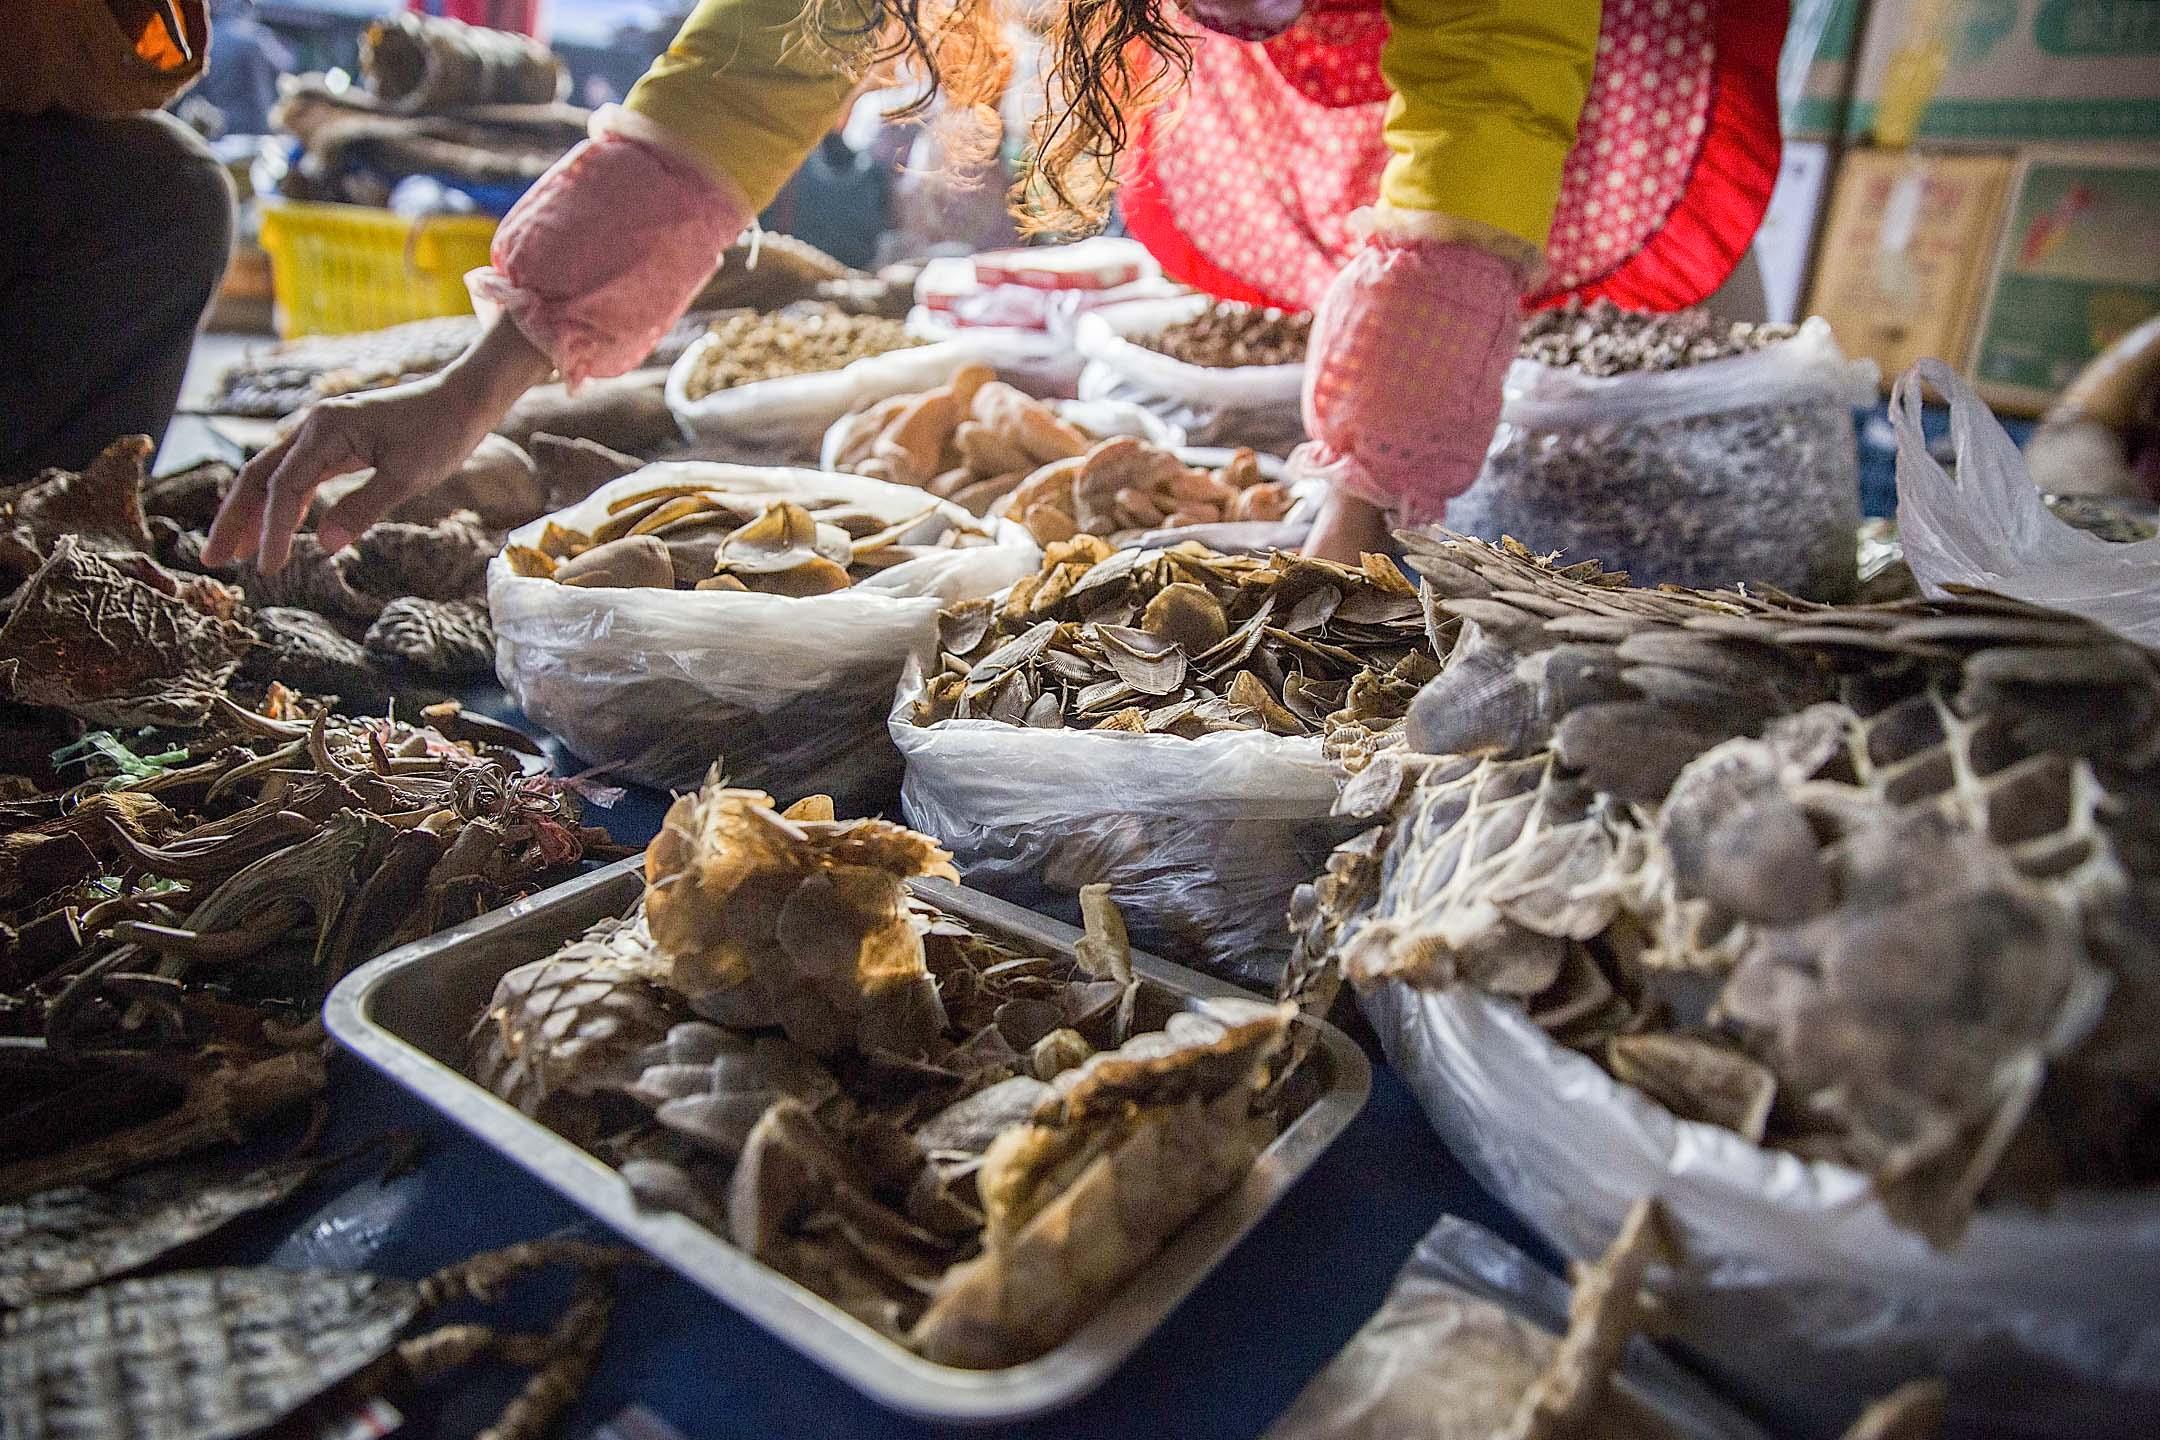 緬甸勐拉,出售穿山甲等野生動物製品的商販。 攝:Taylor Weidman/Getty Images